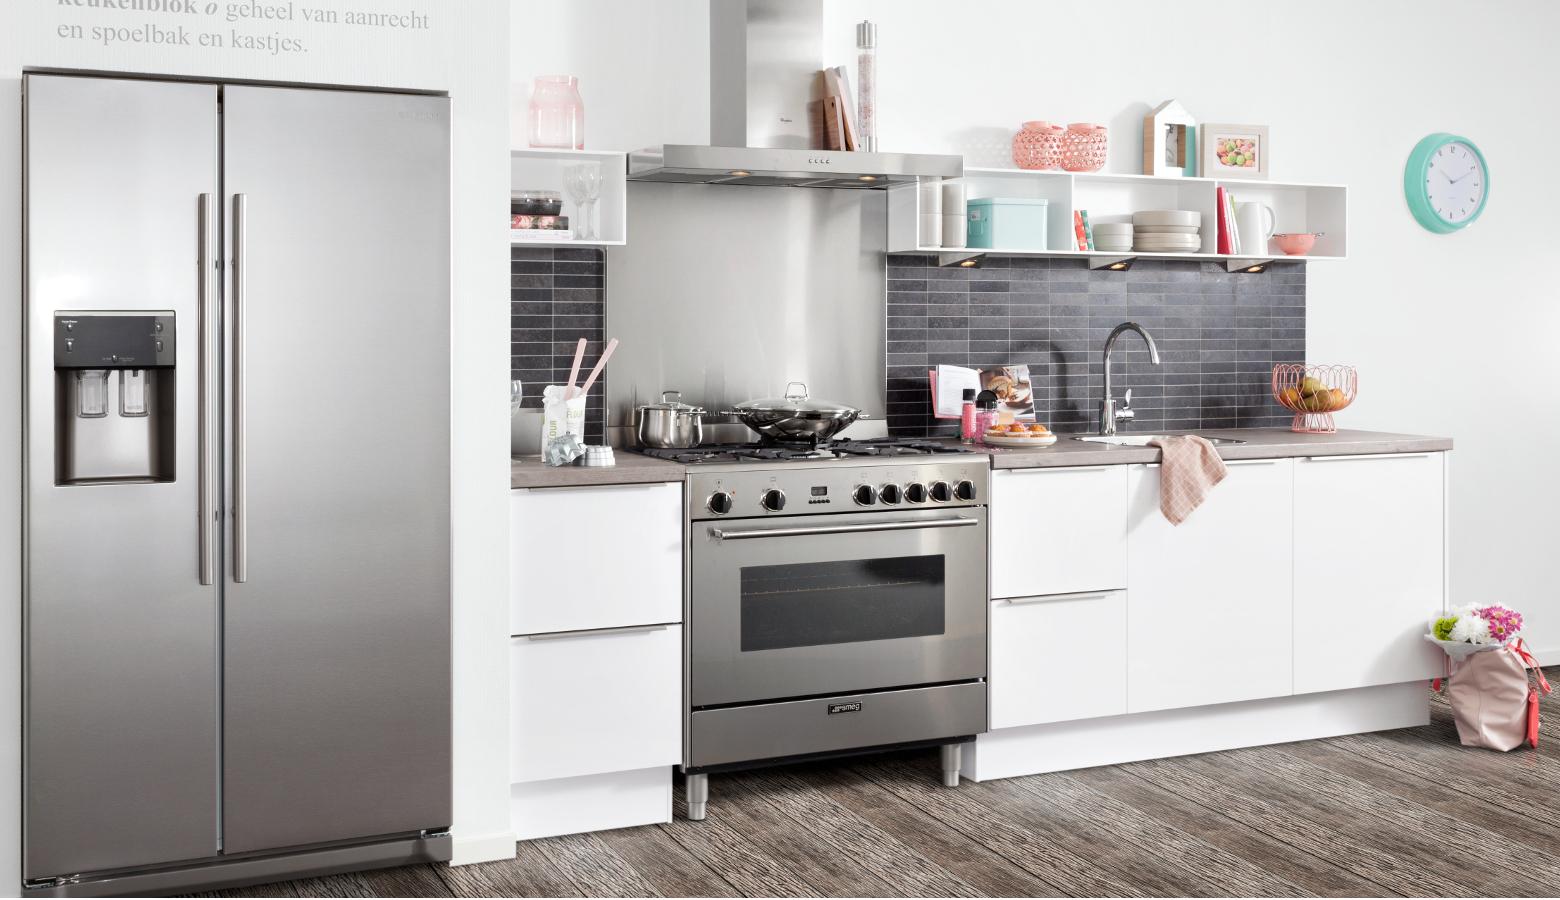 Keuken Witte Kleine : Keukens van topkwaliteit uit eigen fabriek keuken kampioen